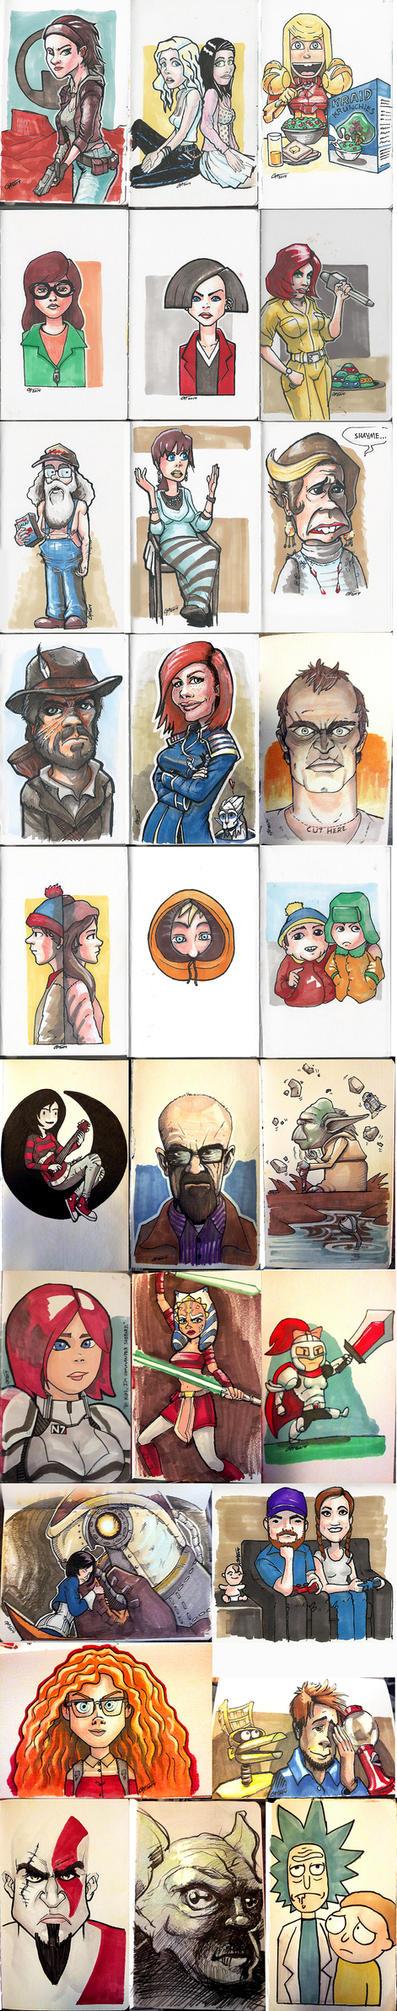 Sketchbook Dump 1 by Garrenh